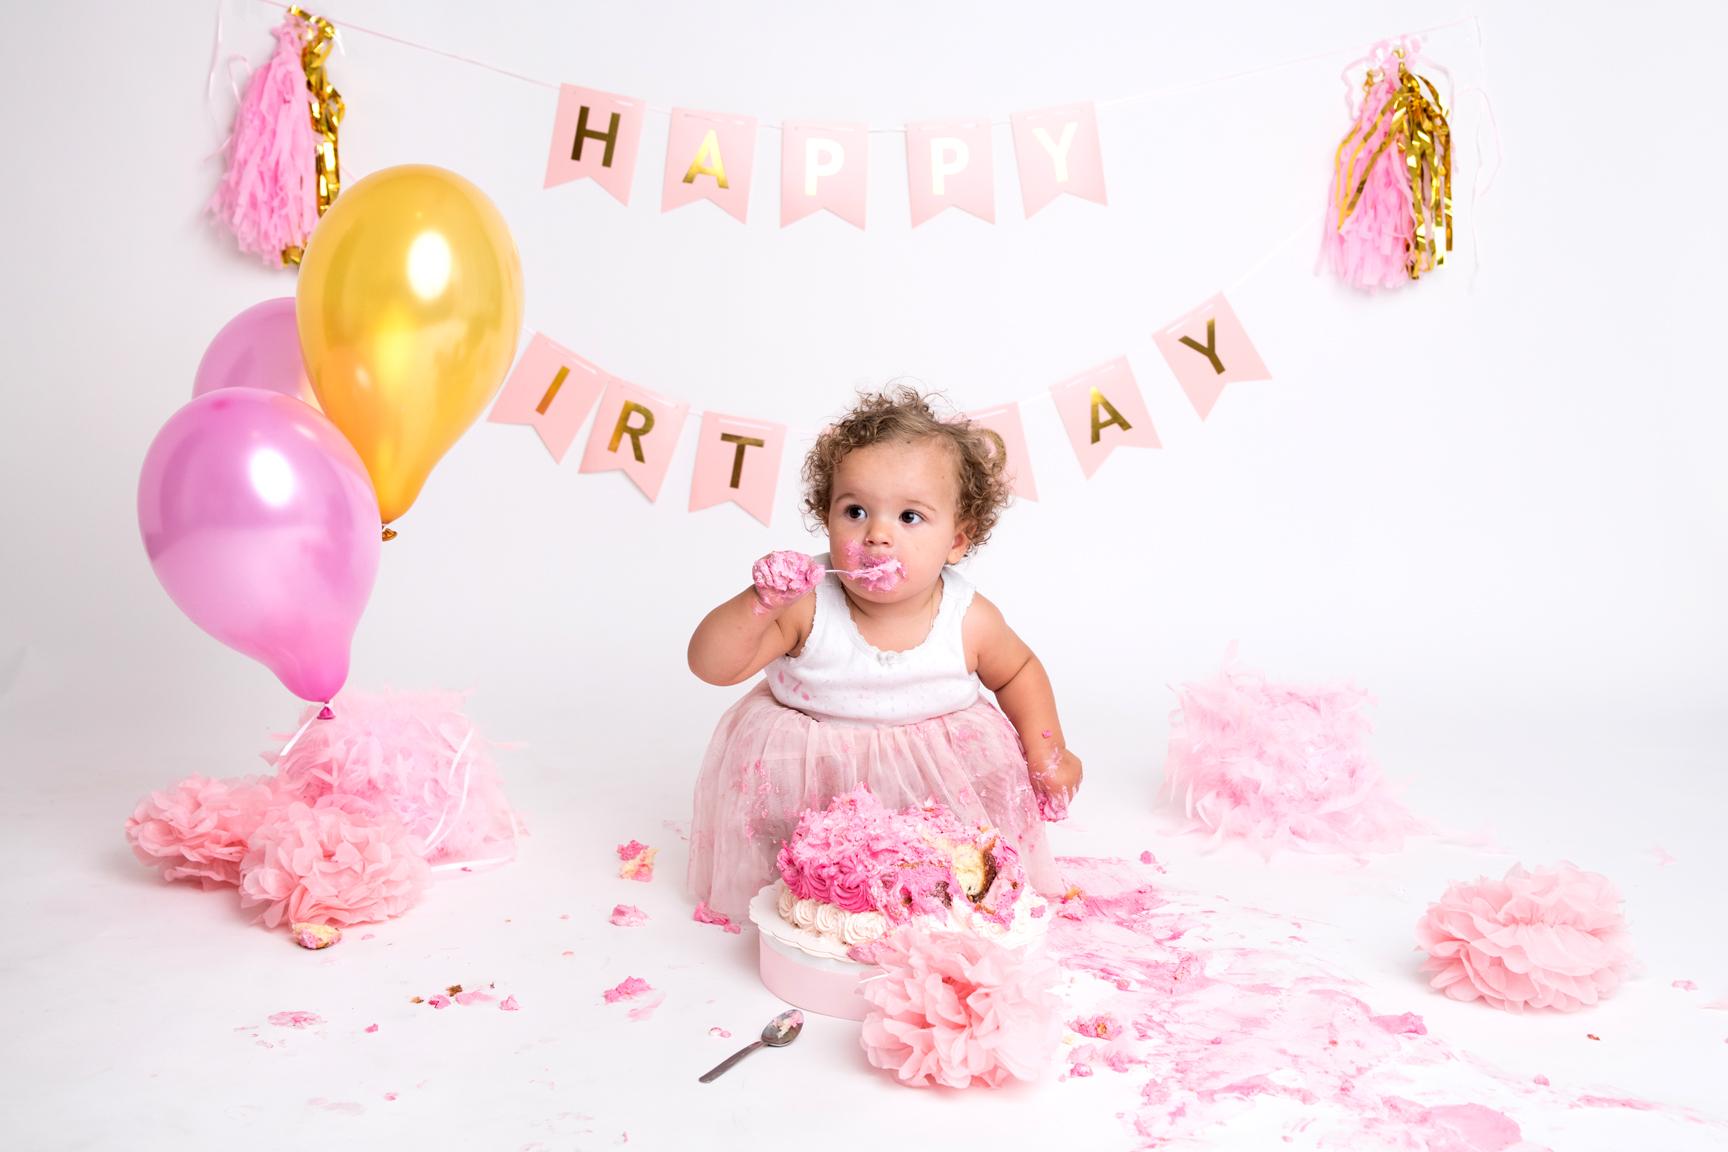 Séance photo Smash the Cake par cindy Fernandez Photographe. Séance 1er anniversaire par Cindy FERNANDEZ Photographe. Séance photo anniversaire 1 an bébé par Cindy Fernandez Photographe. Anniversaire bébé.